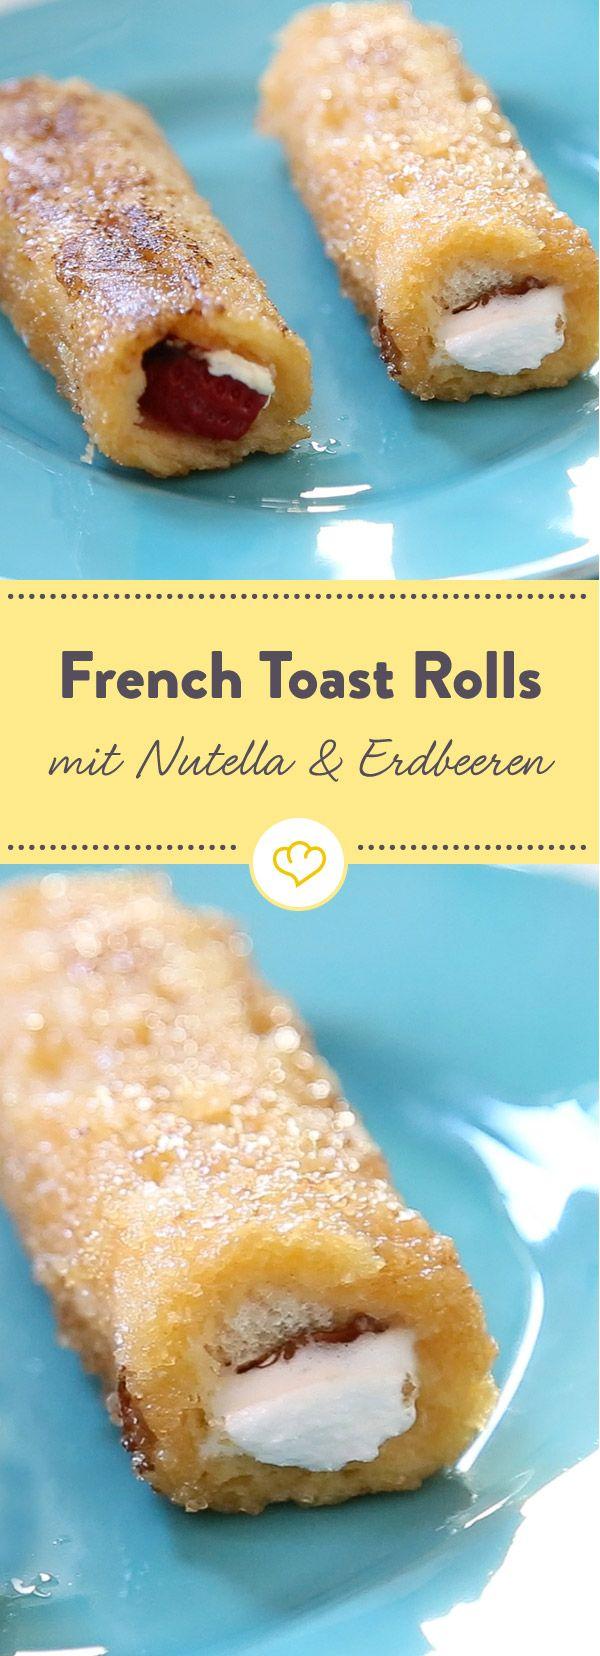 Die moderne Version des amerikanischen Klassikers: French Toast Rolls - mit einem Herz aus Frischkäse, Erdbeeren und Nutella. Und einem Zuckermantel.